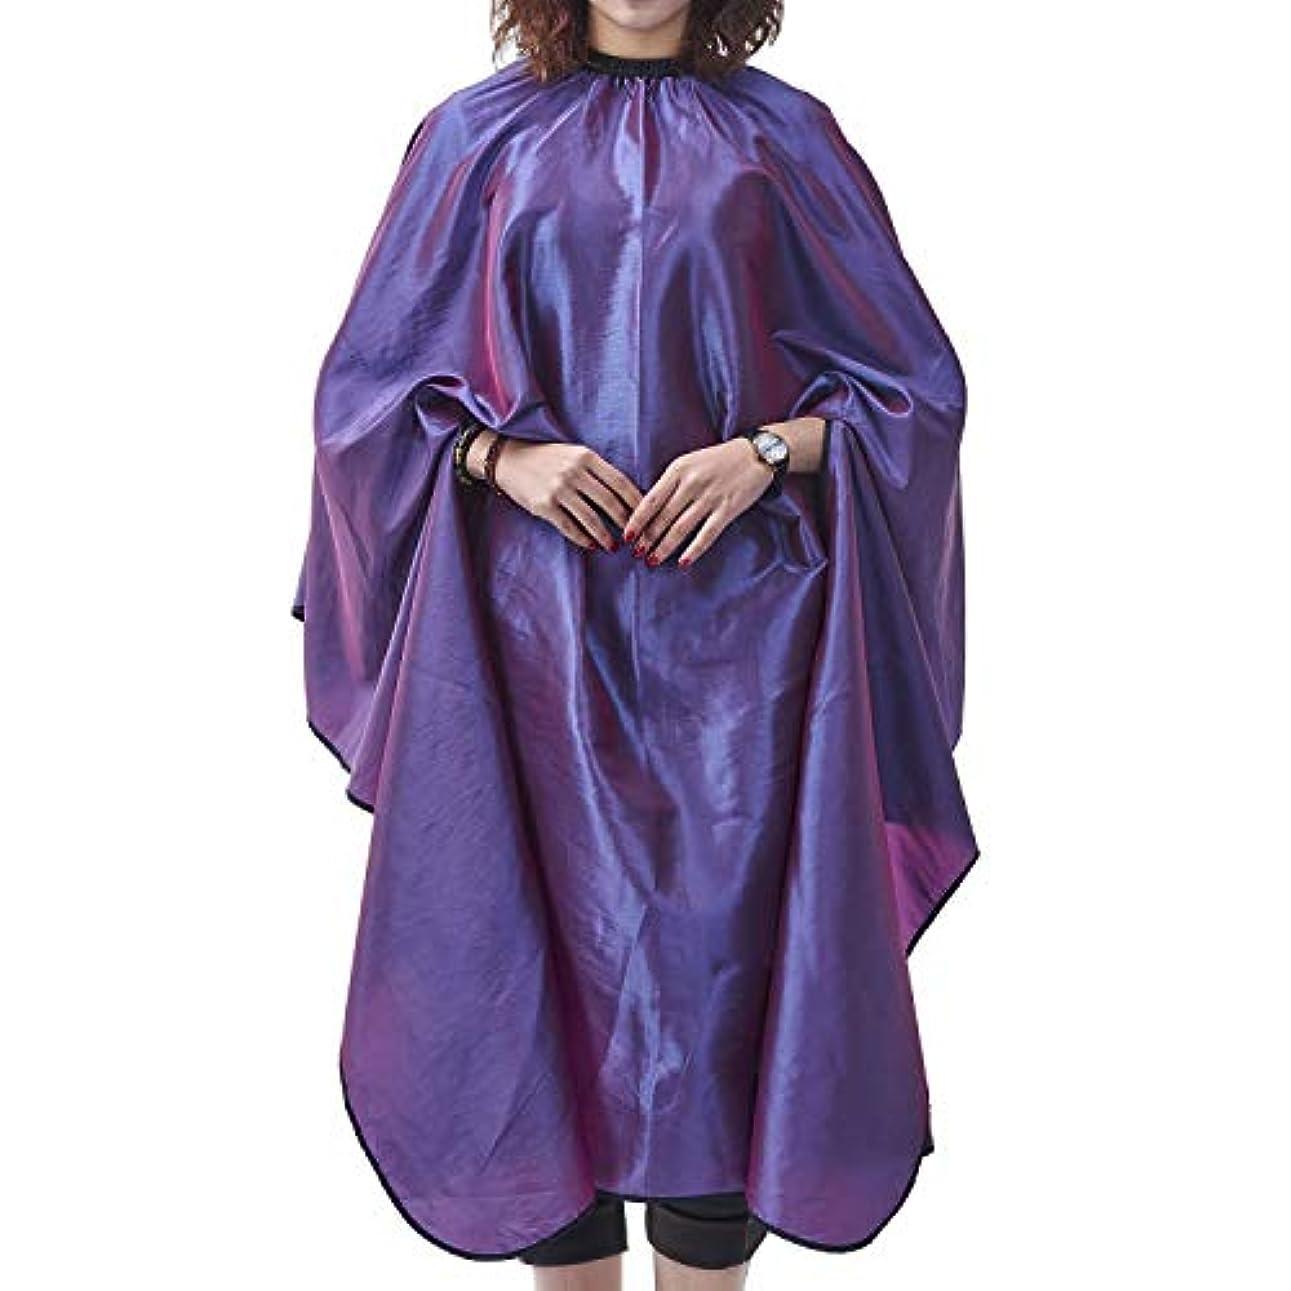 ご予約提供された啓示HIZLJJ サロンケープエプロンバーバーシャ??ンプーオイルスタイリングヘアカット美容師職業理髪店用品よだれかけ (Color : Purple)